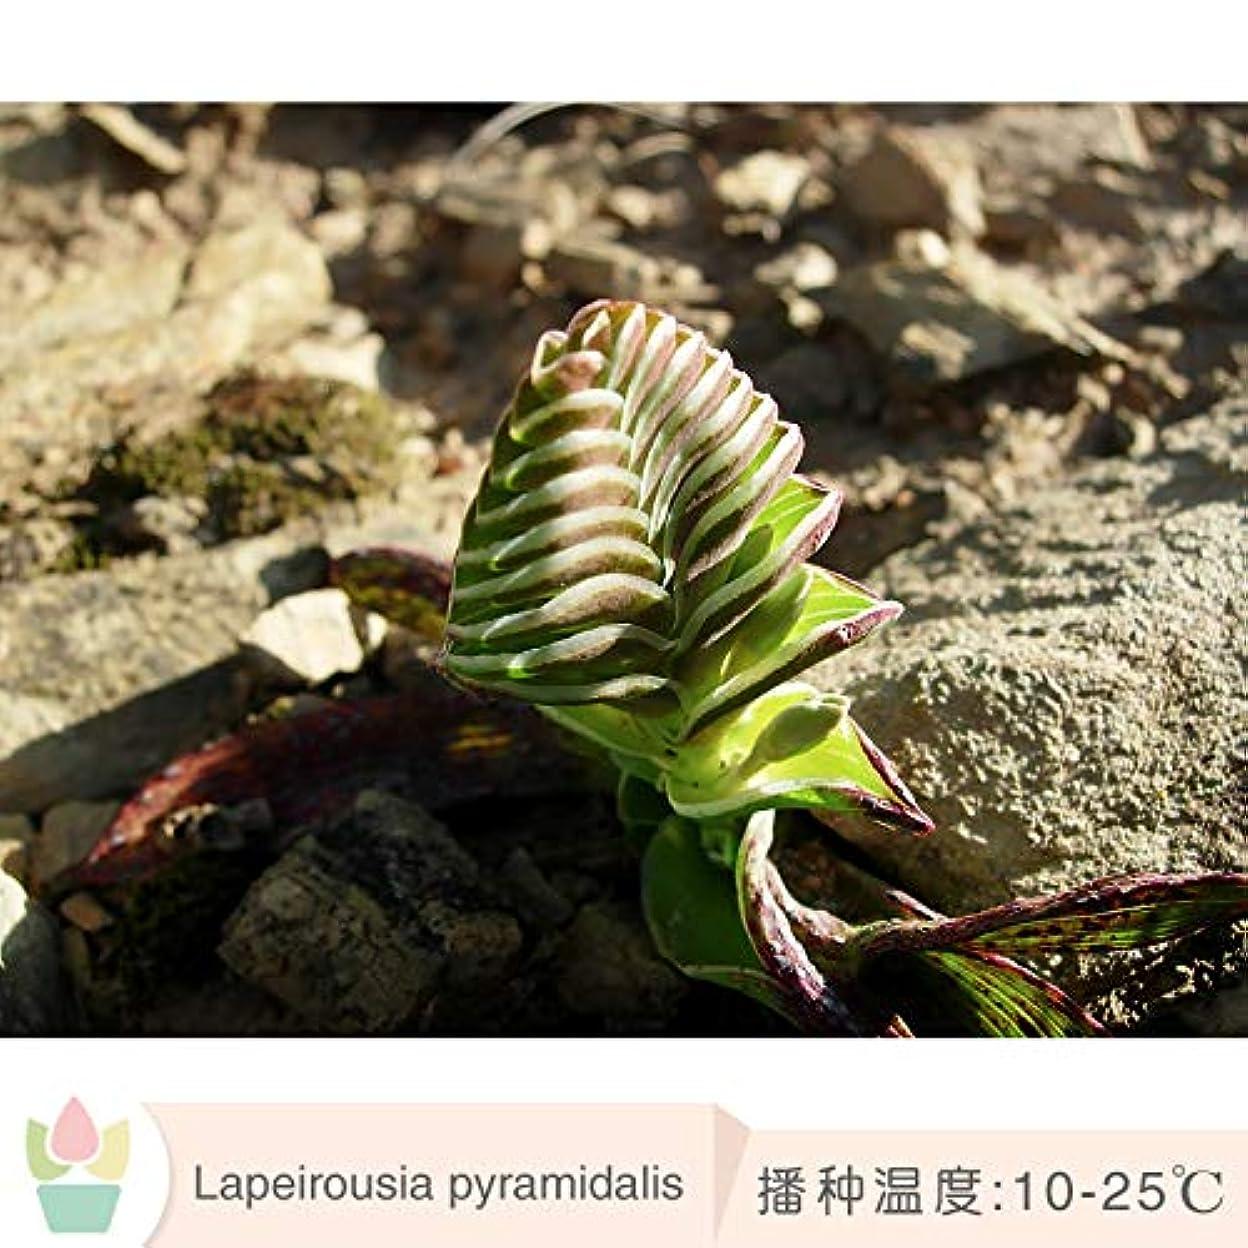 食用労働者あそこラペロスア ピララダリス 種子ピラミッド ラップ 疎香 南アフリカ 希少球根 5粒